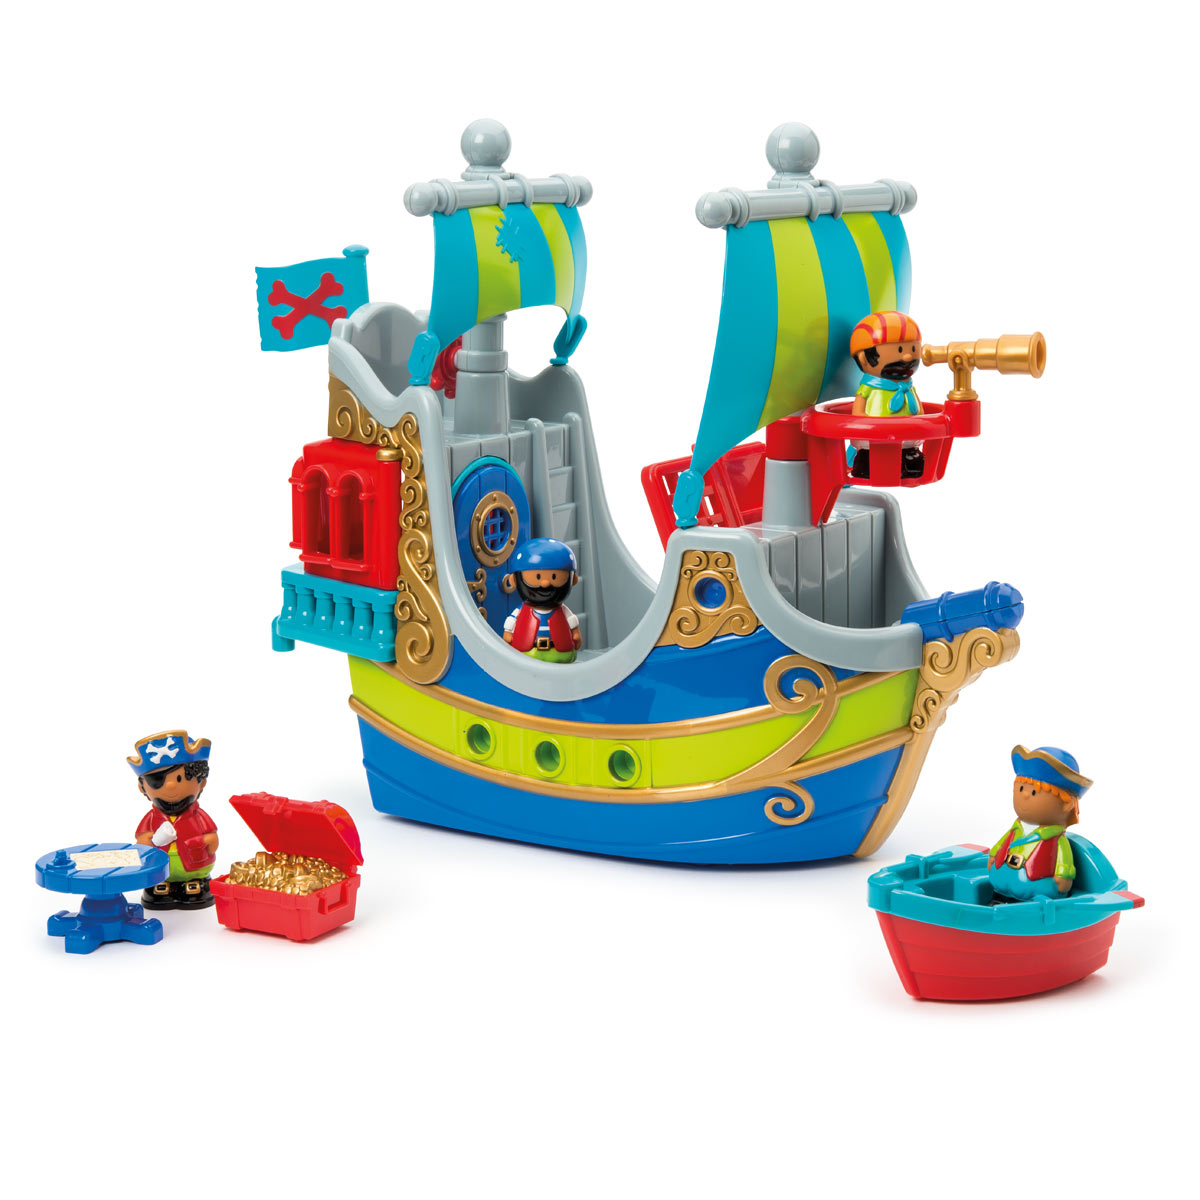 Bateau Pirate Happyland serapportantà Jouet Pour Fille 4 5 Ans